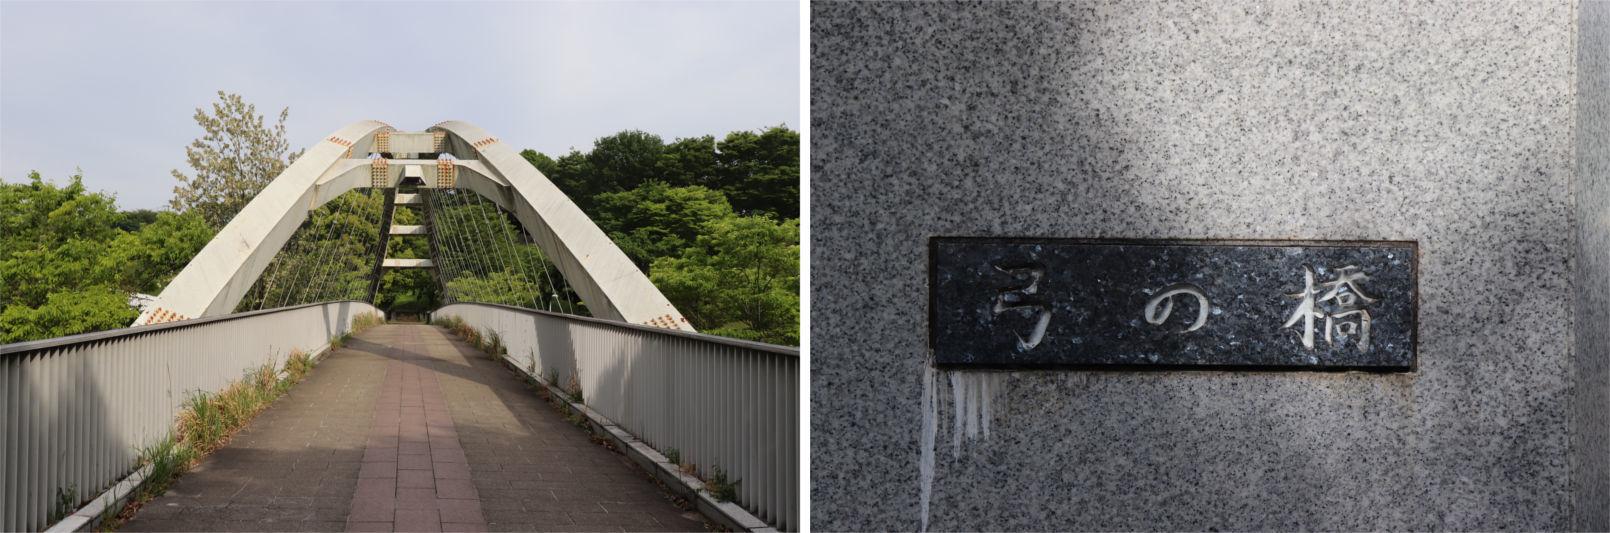 [多摩NTの橋ぜんぶ撮影PJ] No.26~30 弓の橋ほか_a0332275_17170661.jpg